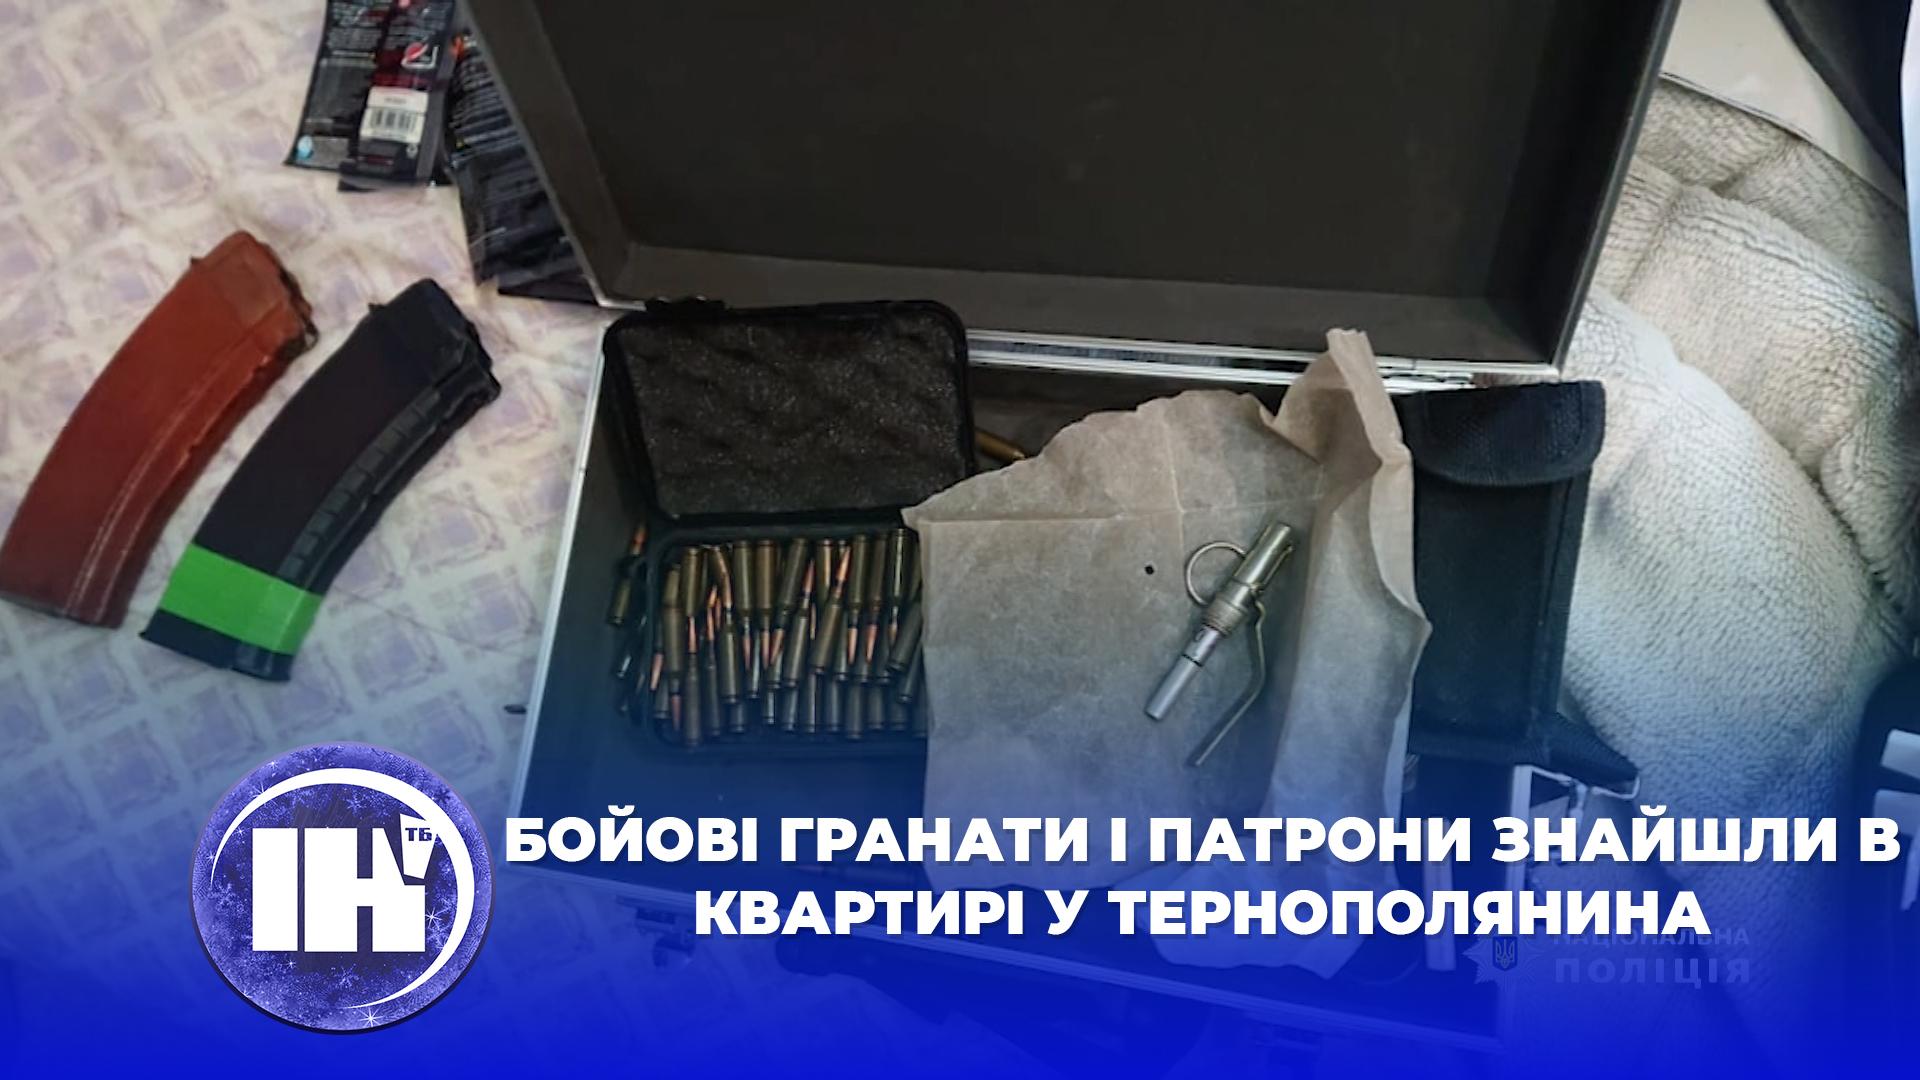 Бойові гранати і патрони знайшли в квартирі у тернополянина